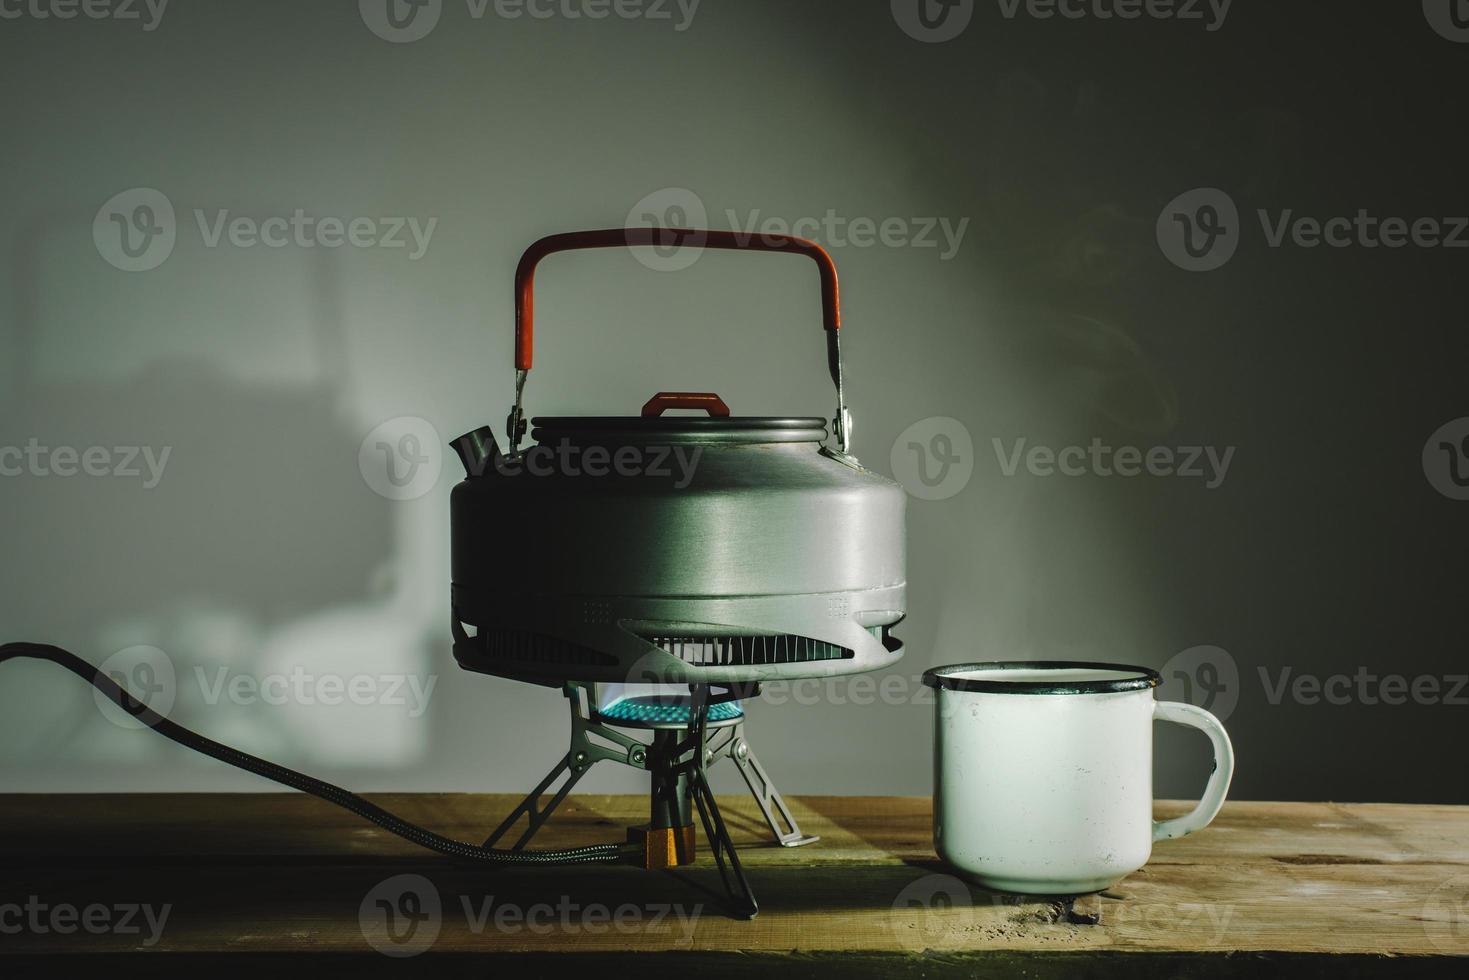 vatten kokar foto